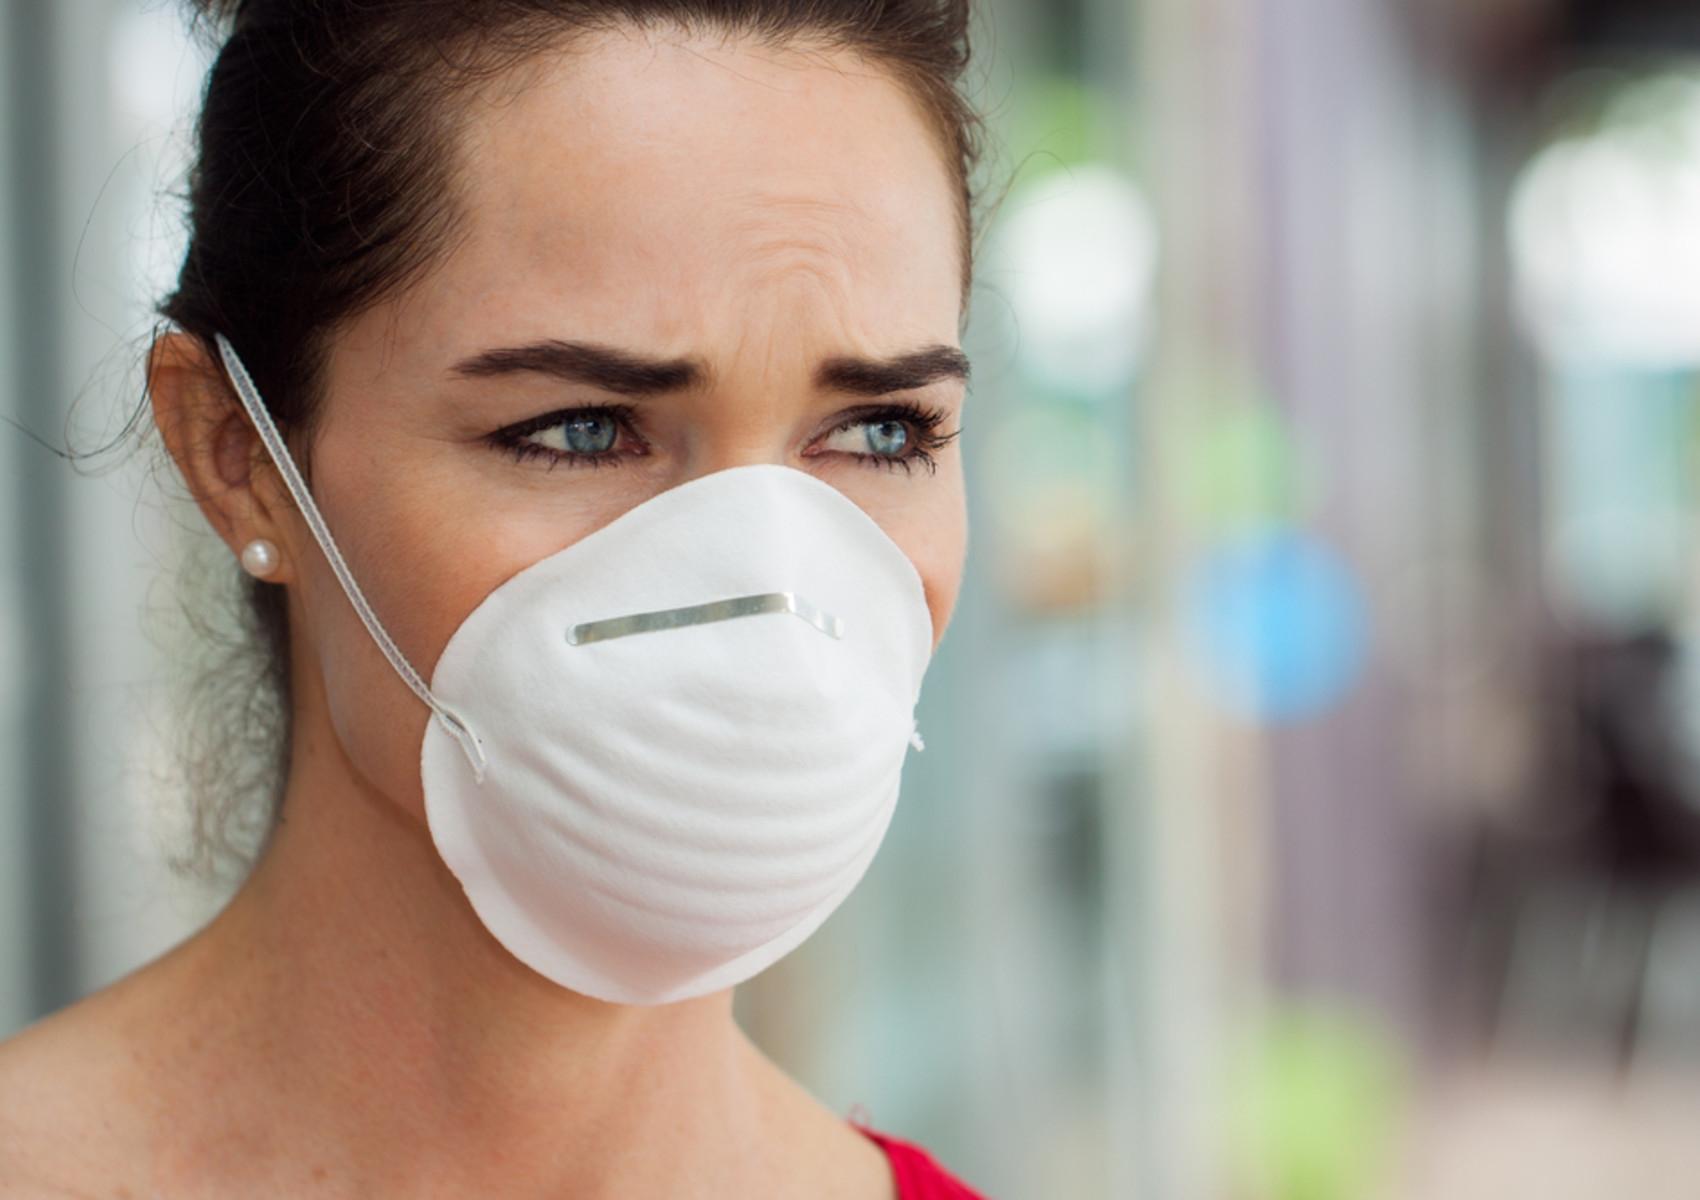 Covid19: obbligatorio l'uso delle mascherine all'aperto